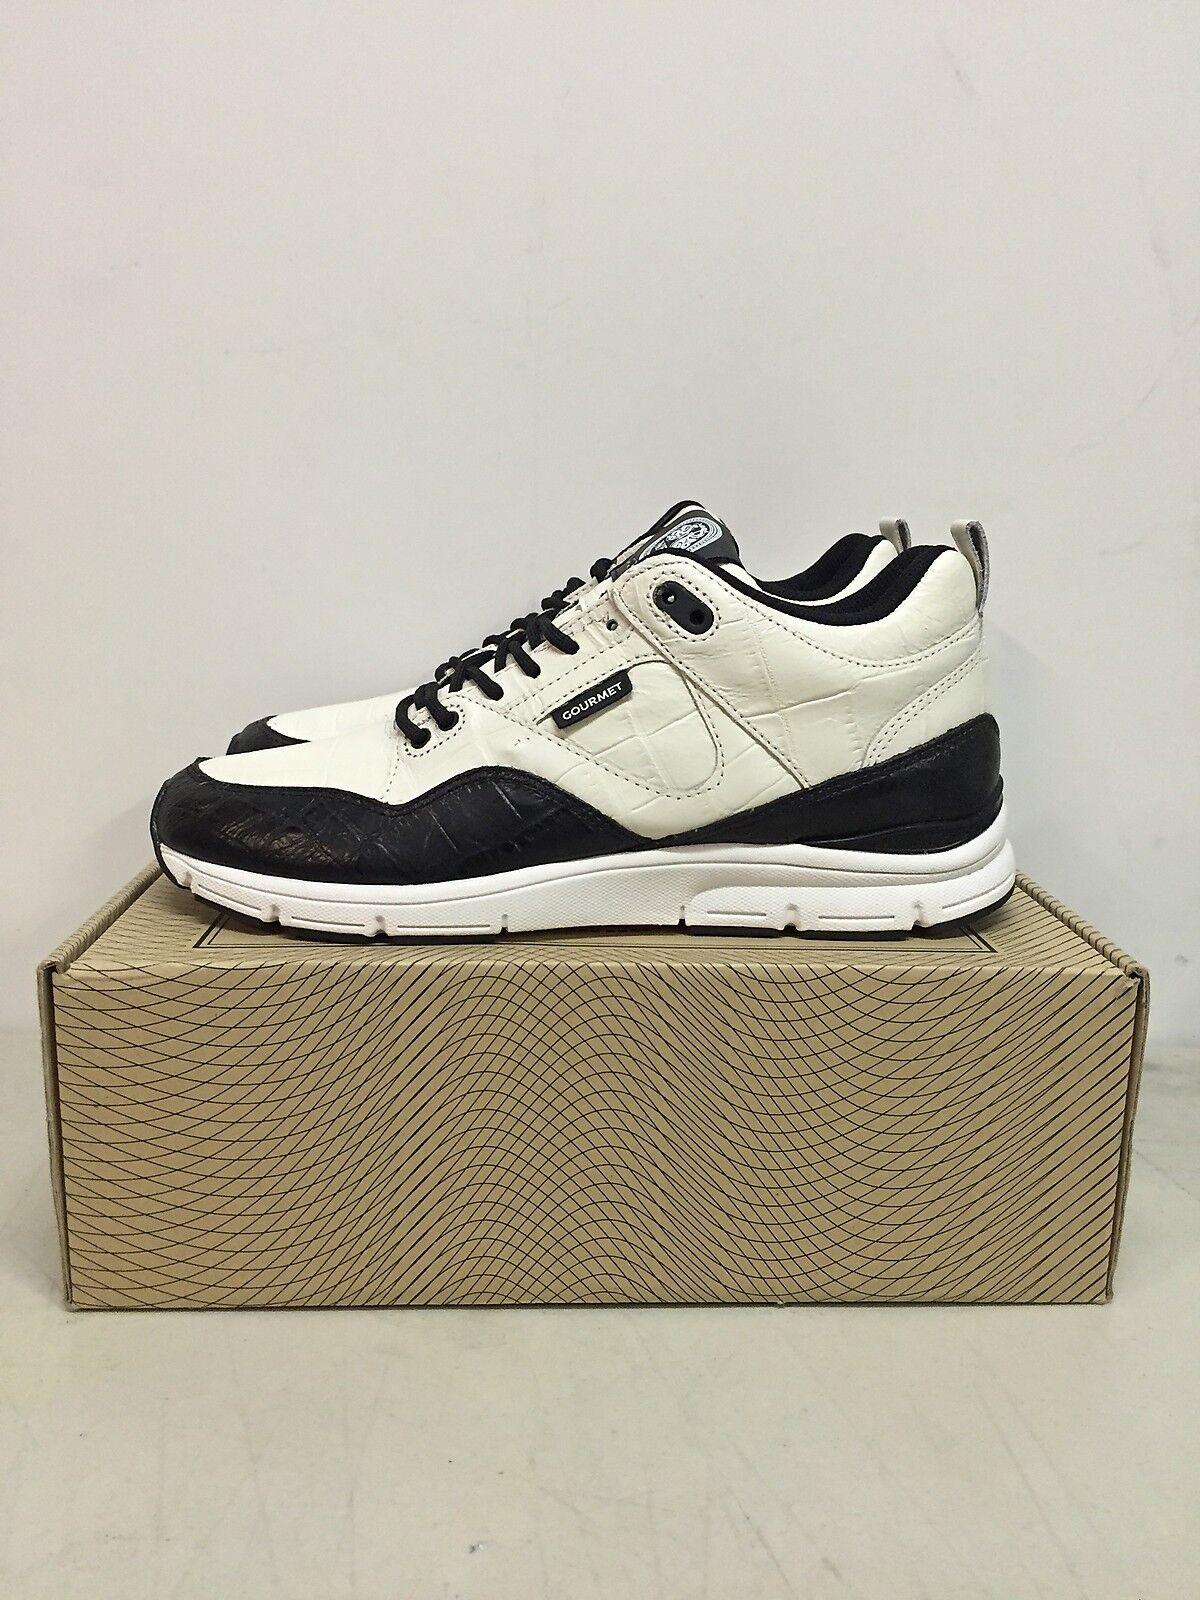 Gourmet Footwear The 35 Lite LX hommes Sneakers New blanc noir WHT/BLK 100291 8